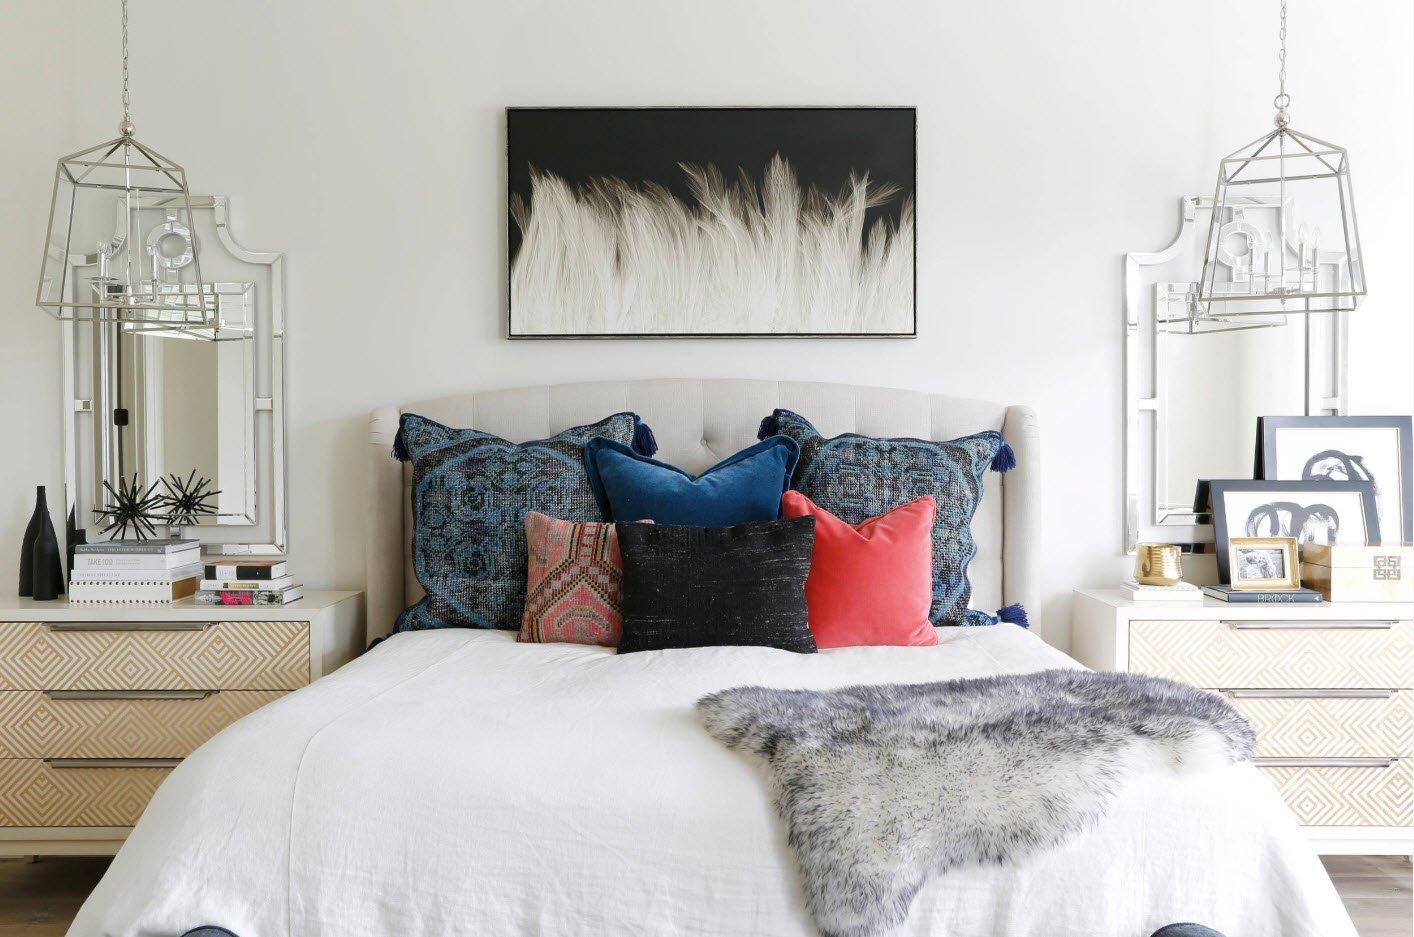 предметы декора и подушки